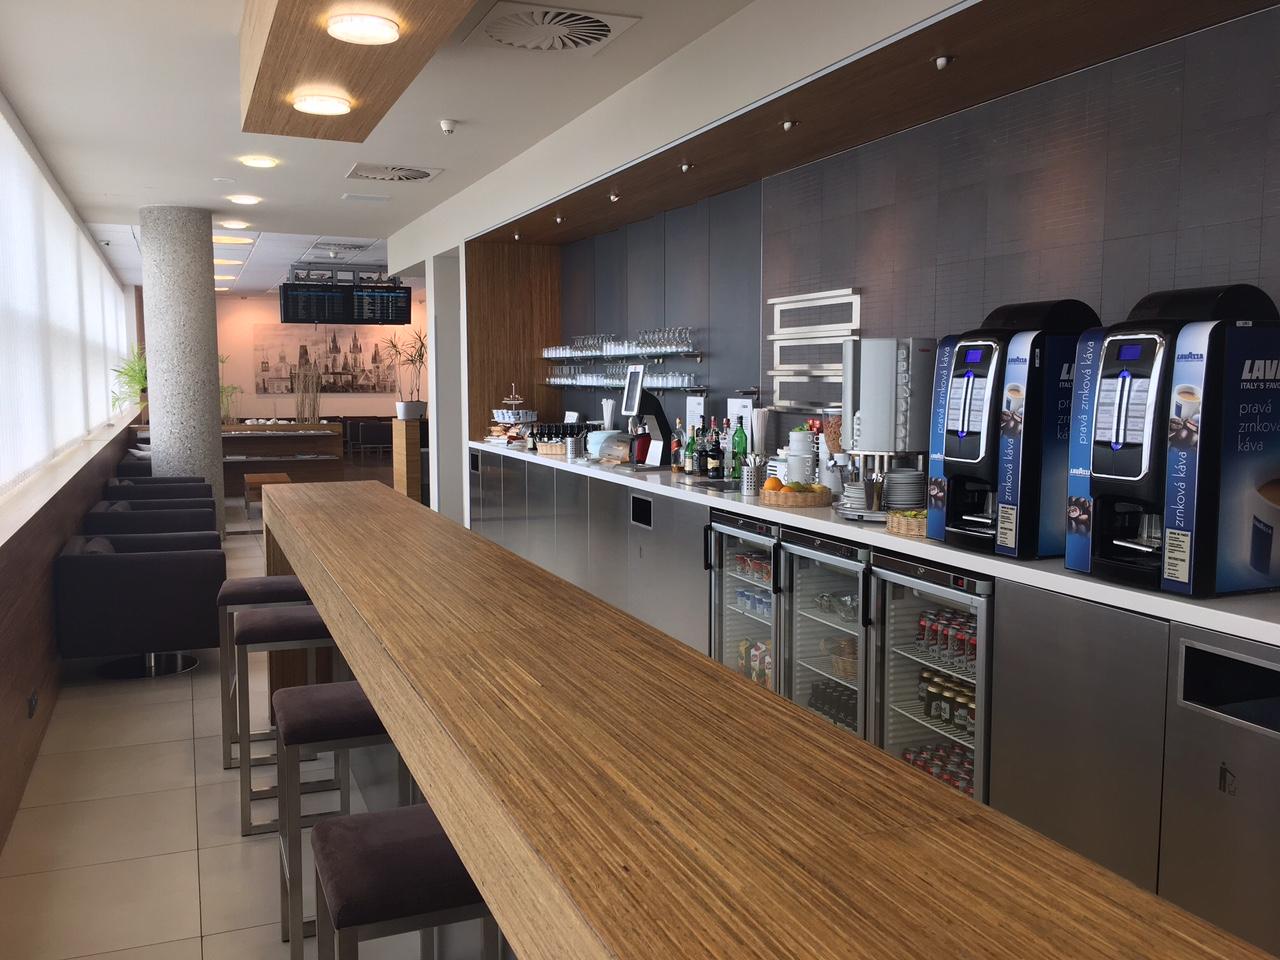 Интерьер зала ожидания Menzies Aviation Lounge в Терминале 2 Аэропорта Вацлава Гавела в Праге